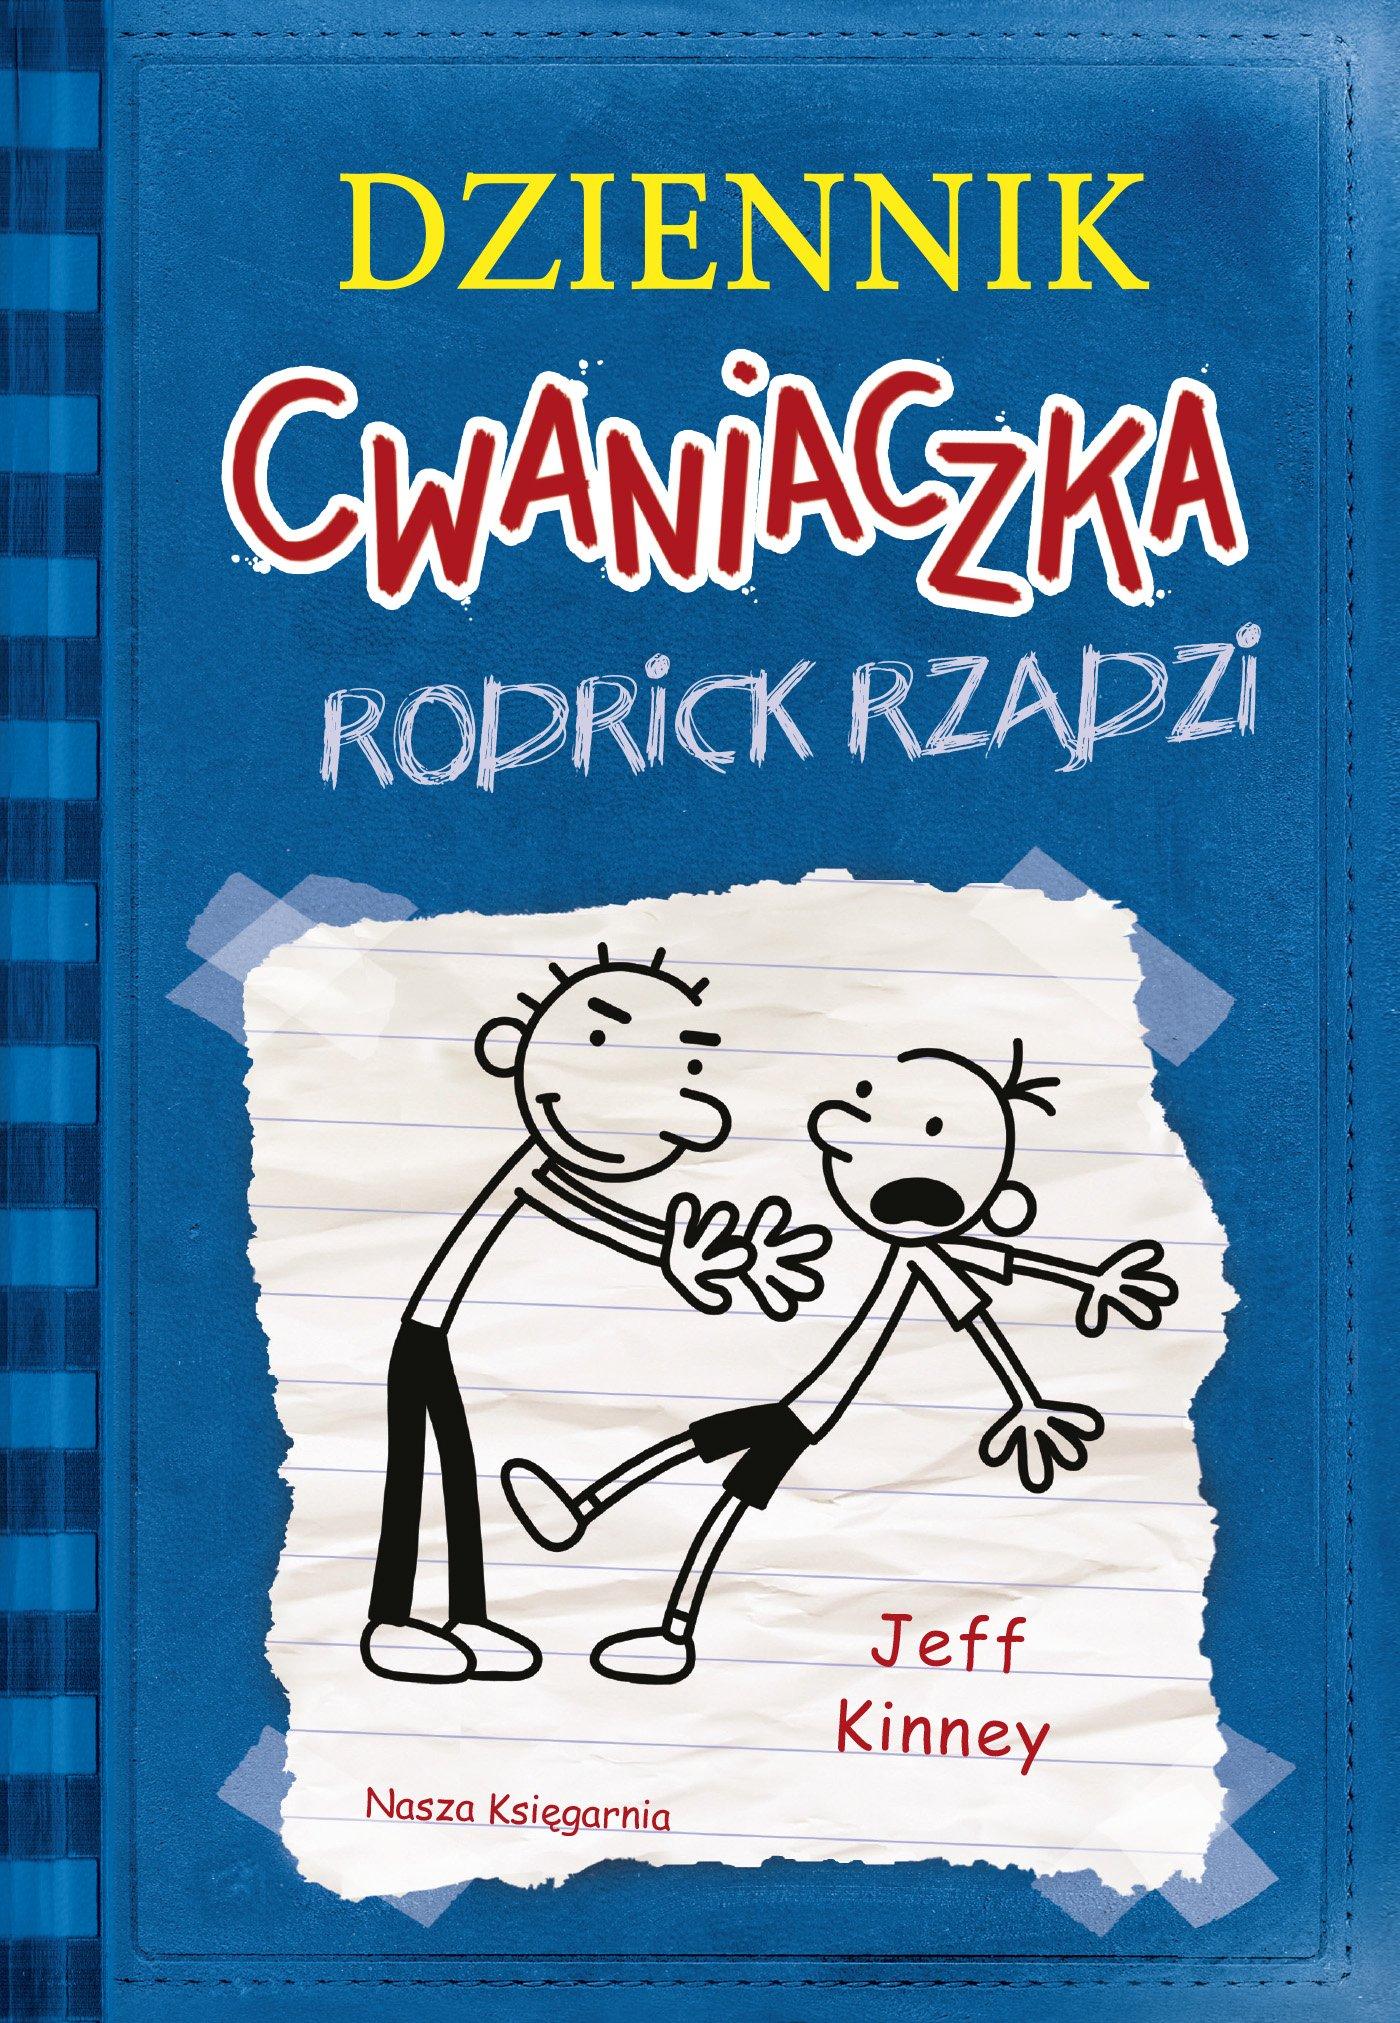 Dziennik Cwaniaczka 2 Rodrick rządzi - Ebook (Książka na Kindle) do pobrania w formacie MOBI